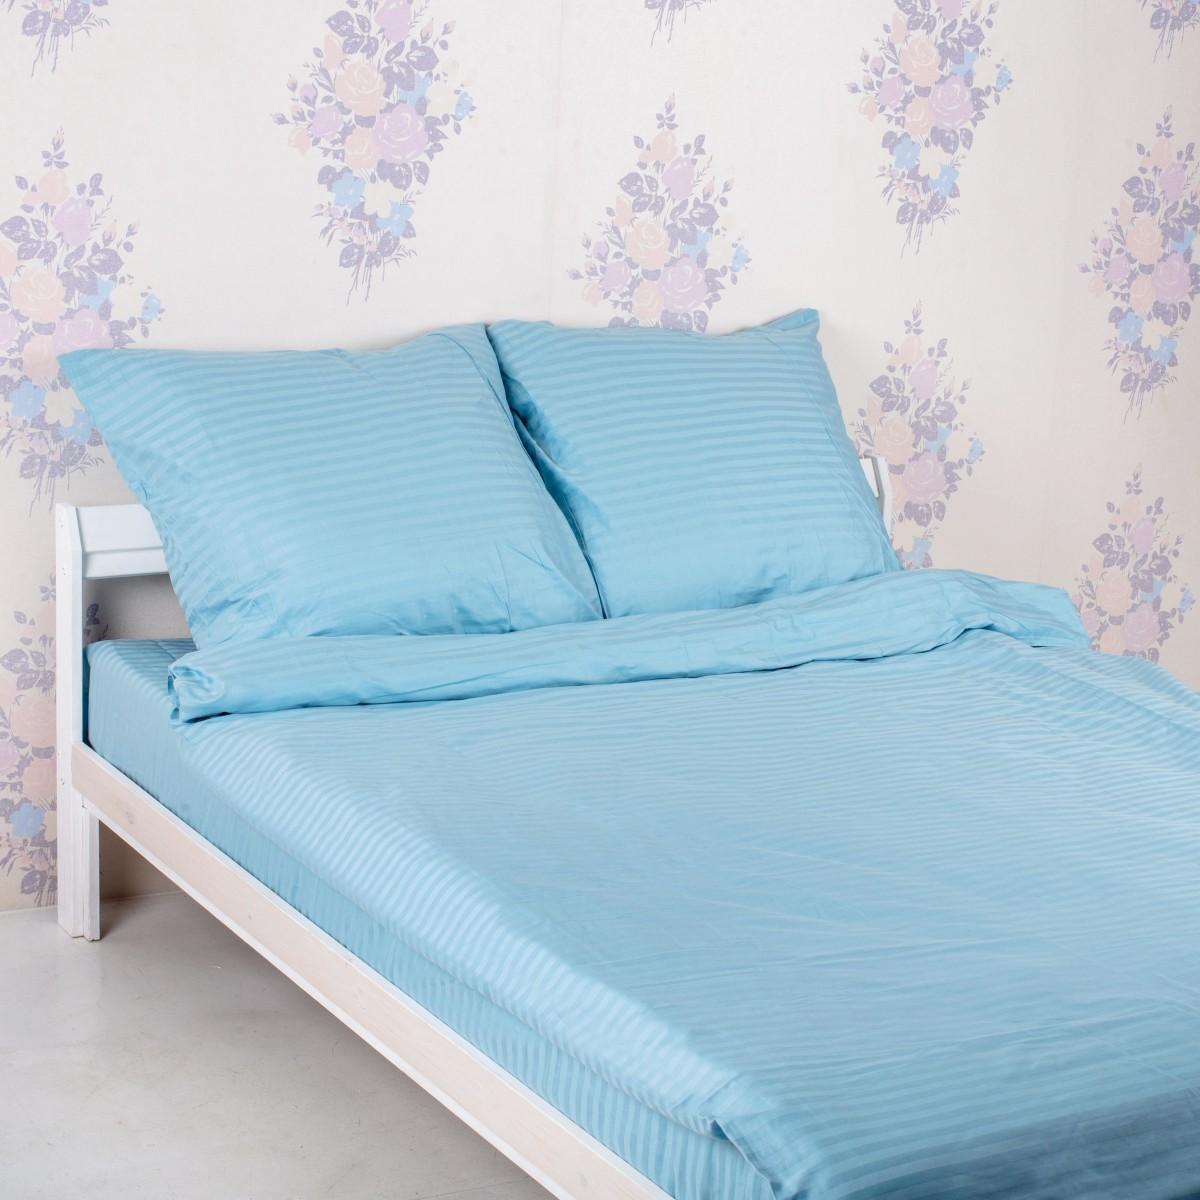 Комплект постельного белья 37 Текстиль Голубой двуспальный сатин